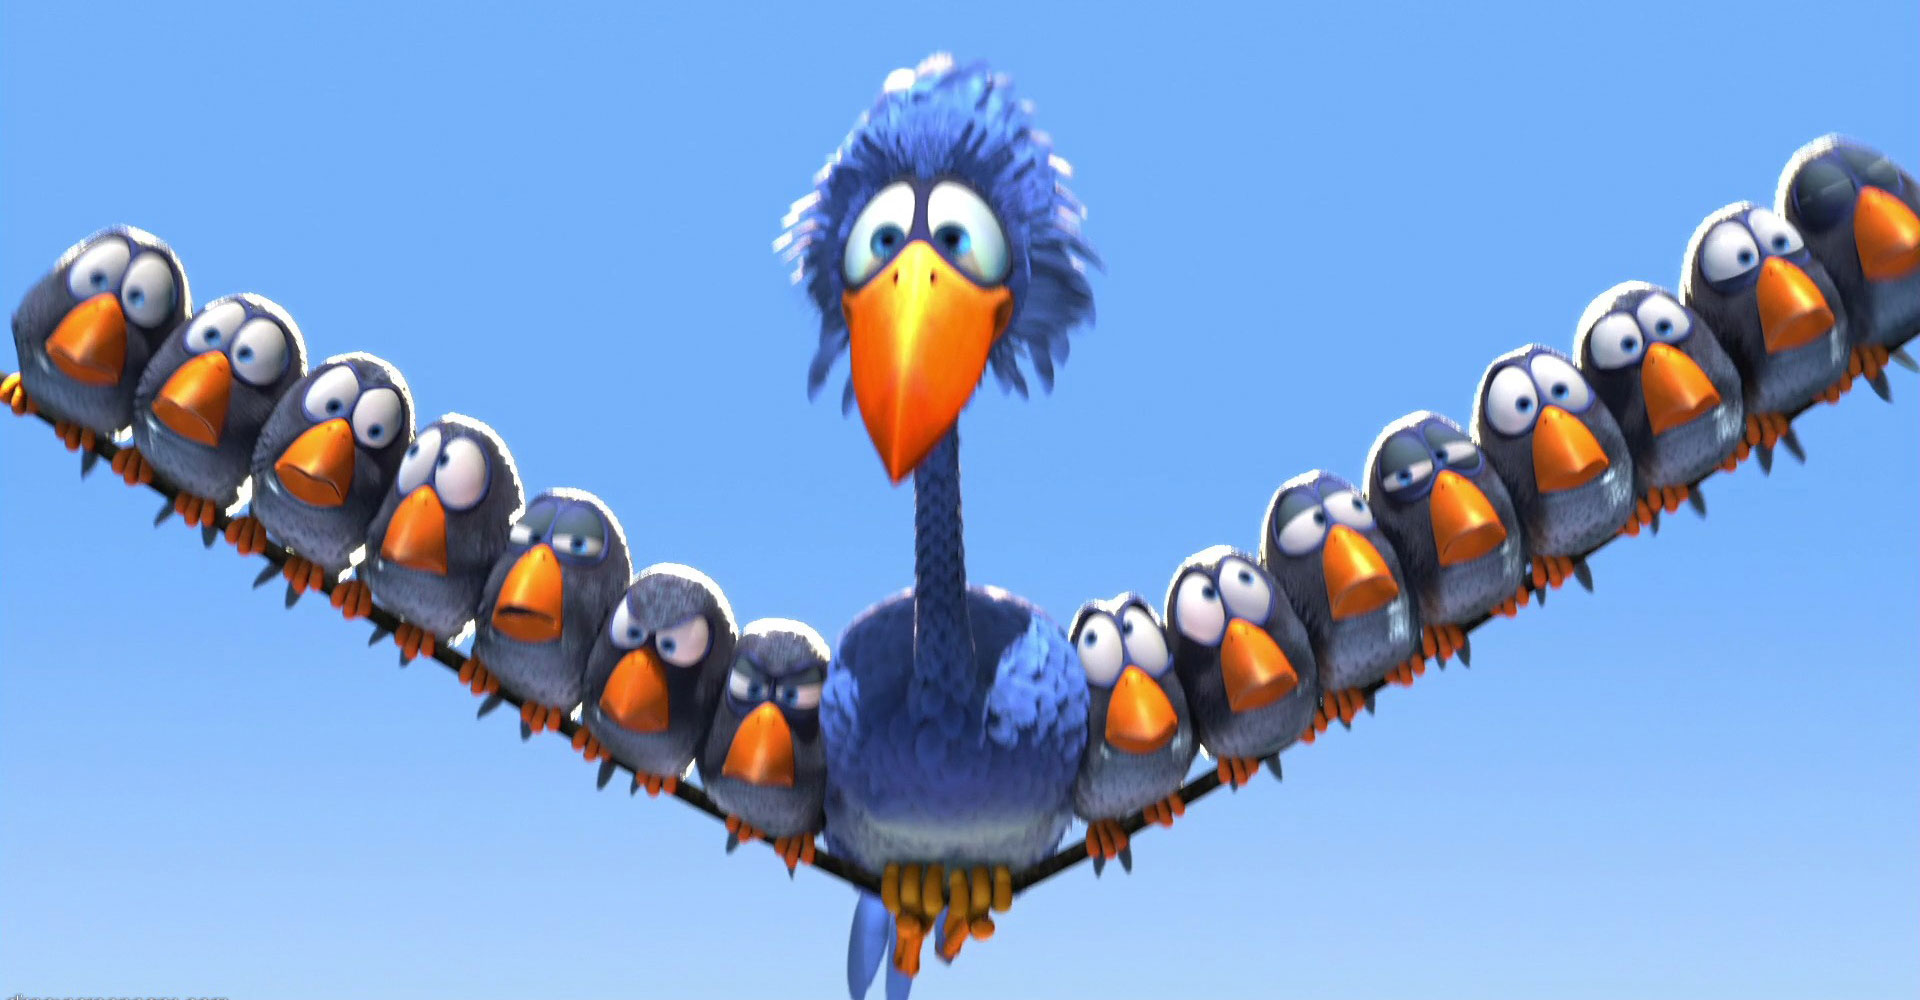 Pixar disney drôles d'oiseaux sur une ligne à haute tension for the birds